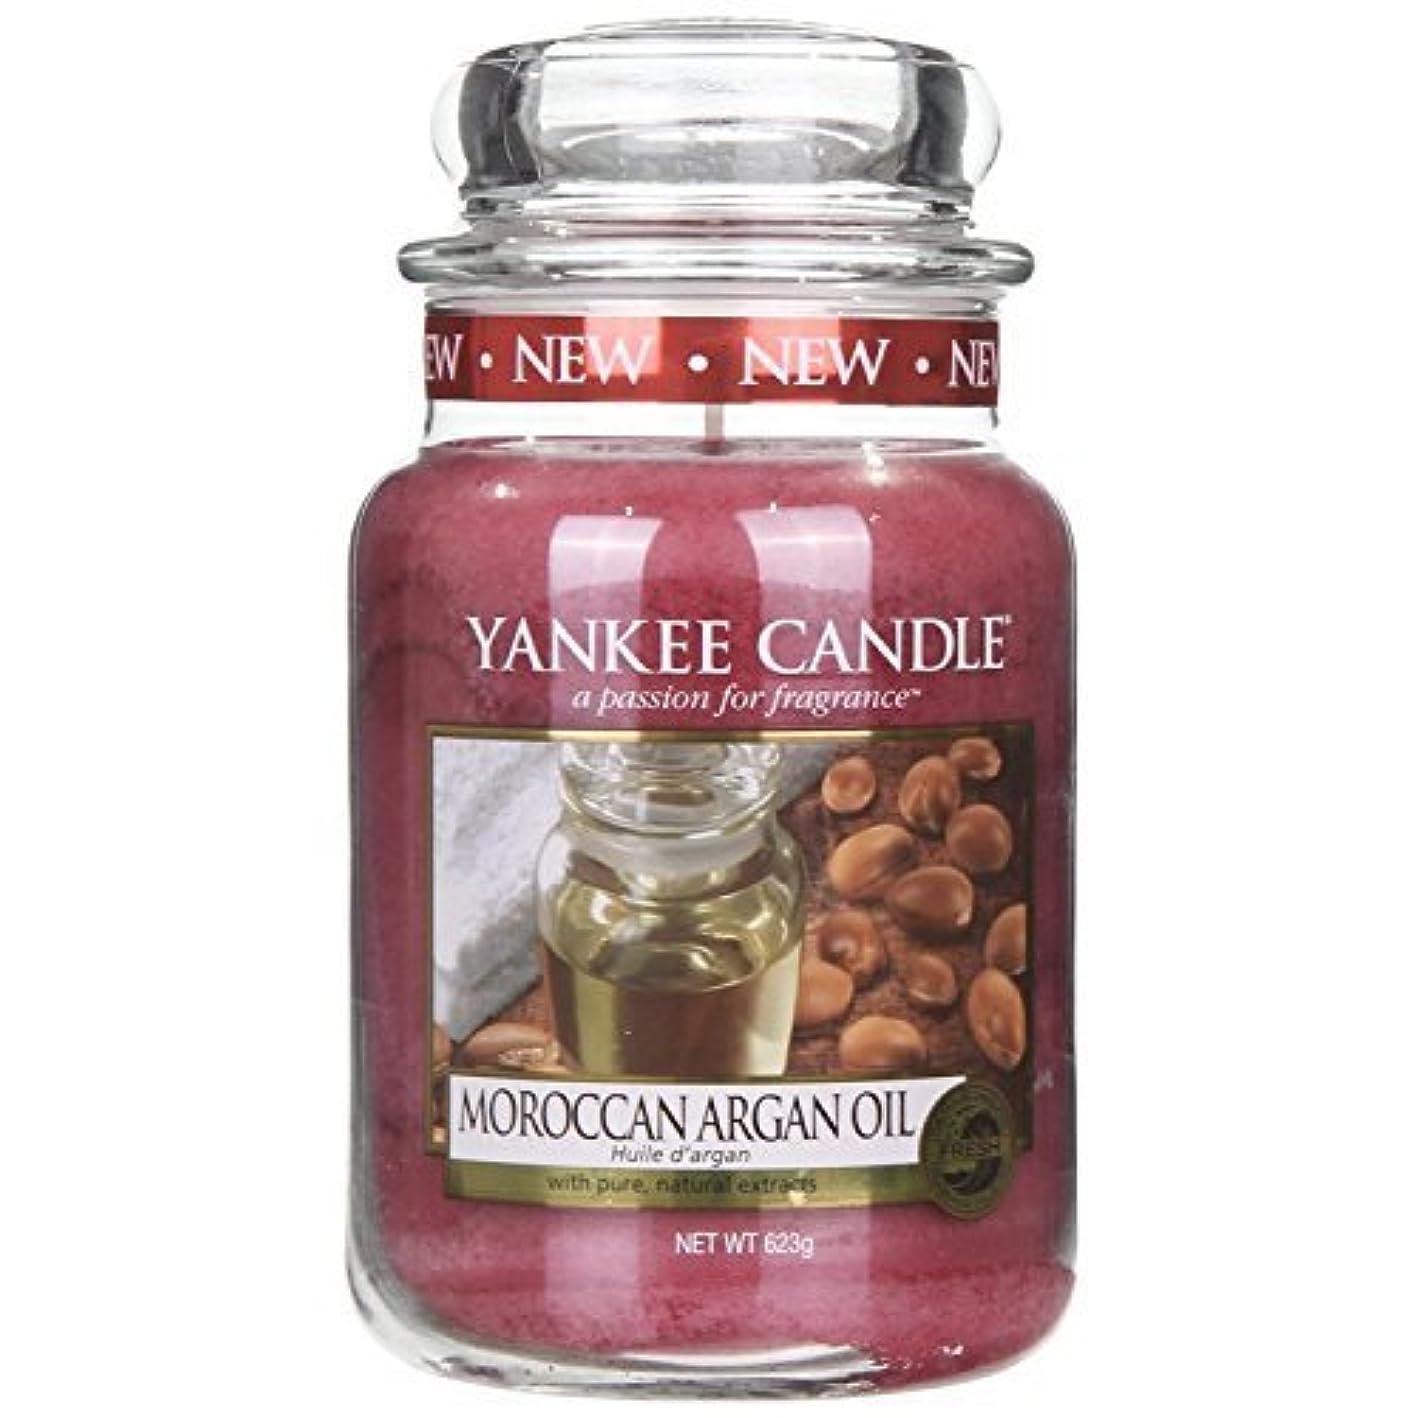 機転謝罪ホーンYankee Candle MOROCCAN ARGAN OIL 22oz Large Jar Candle - UK Exclusive by Yankee Candle [並行輸入品]